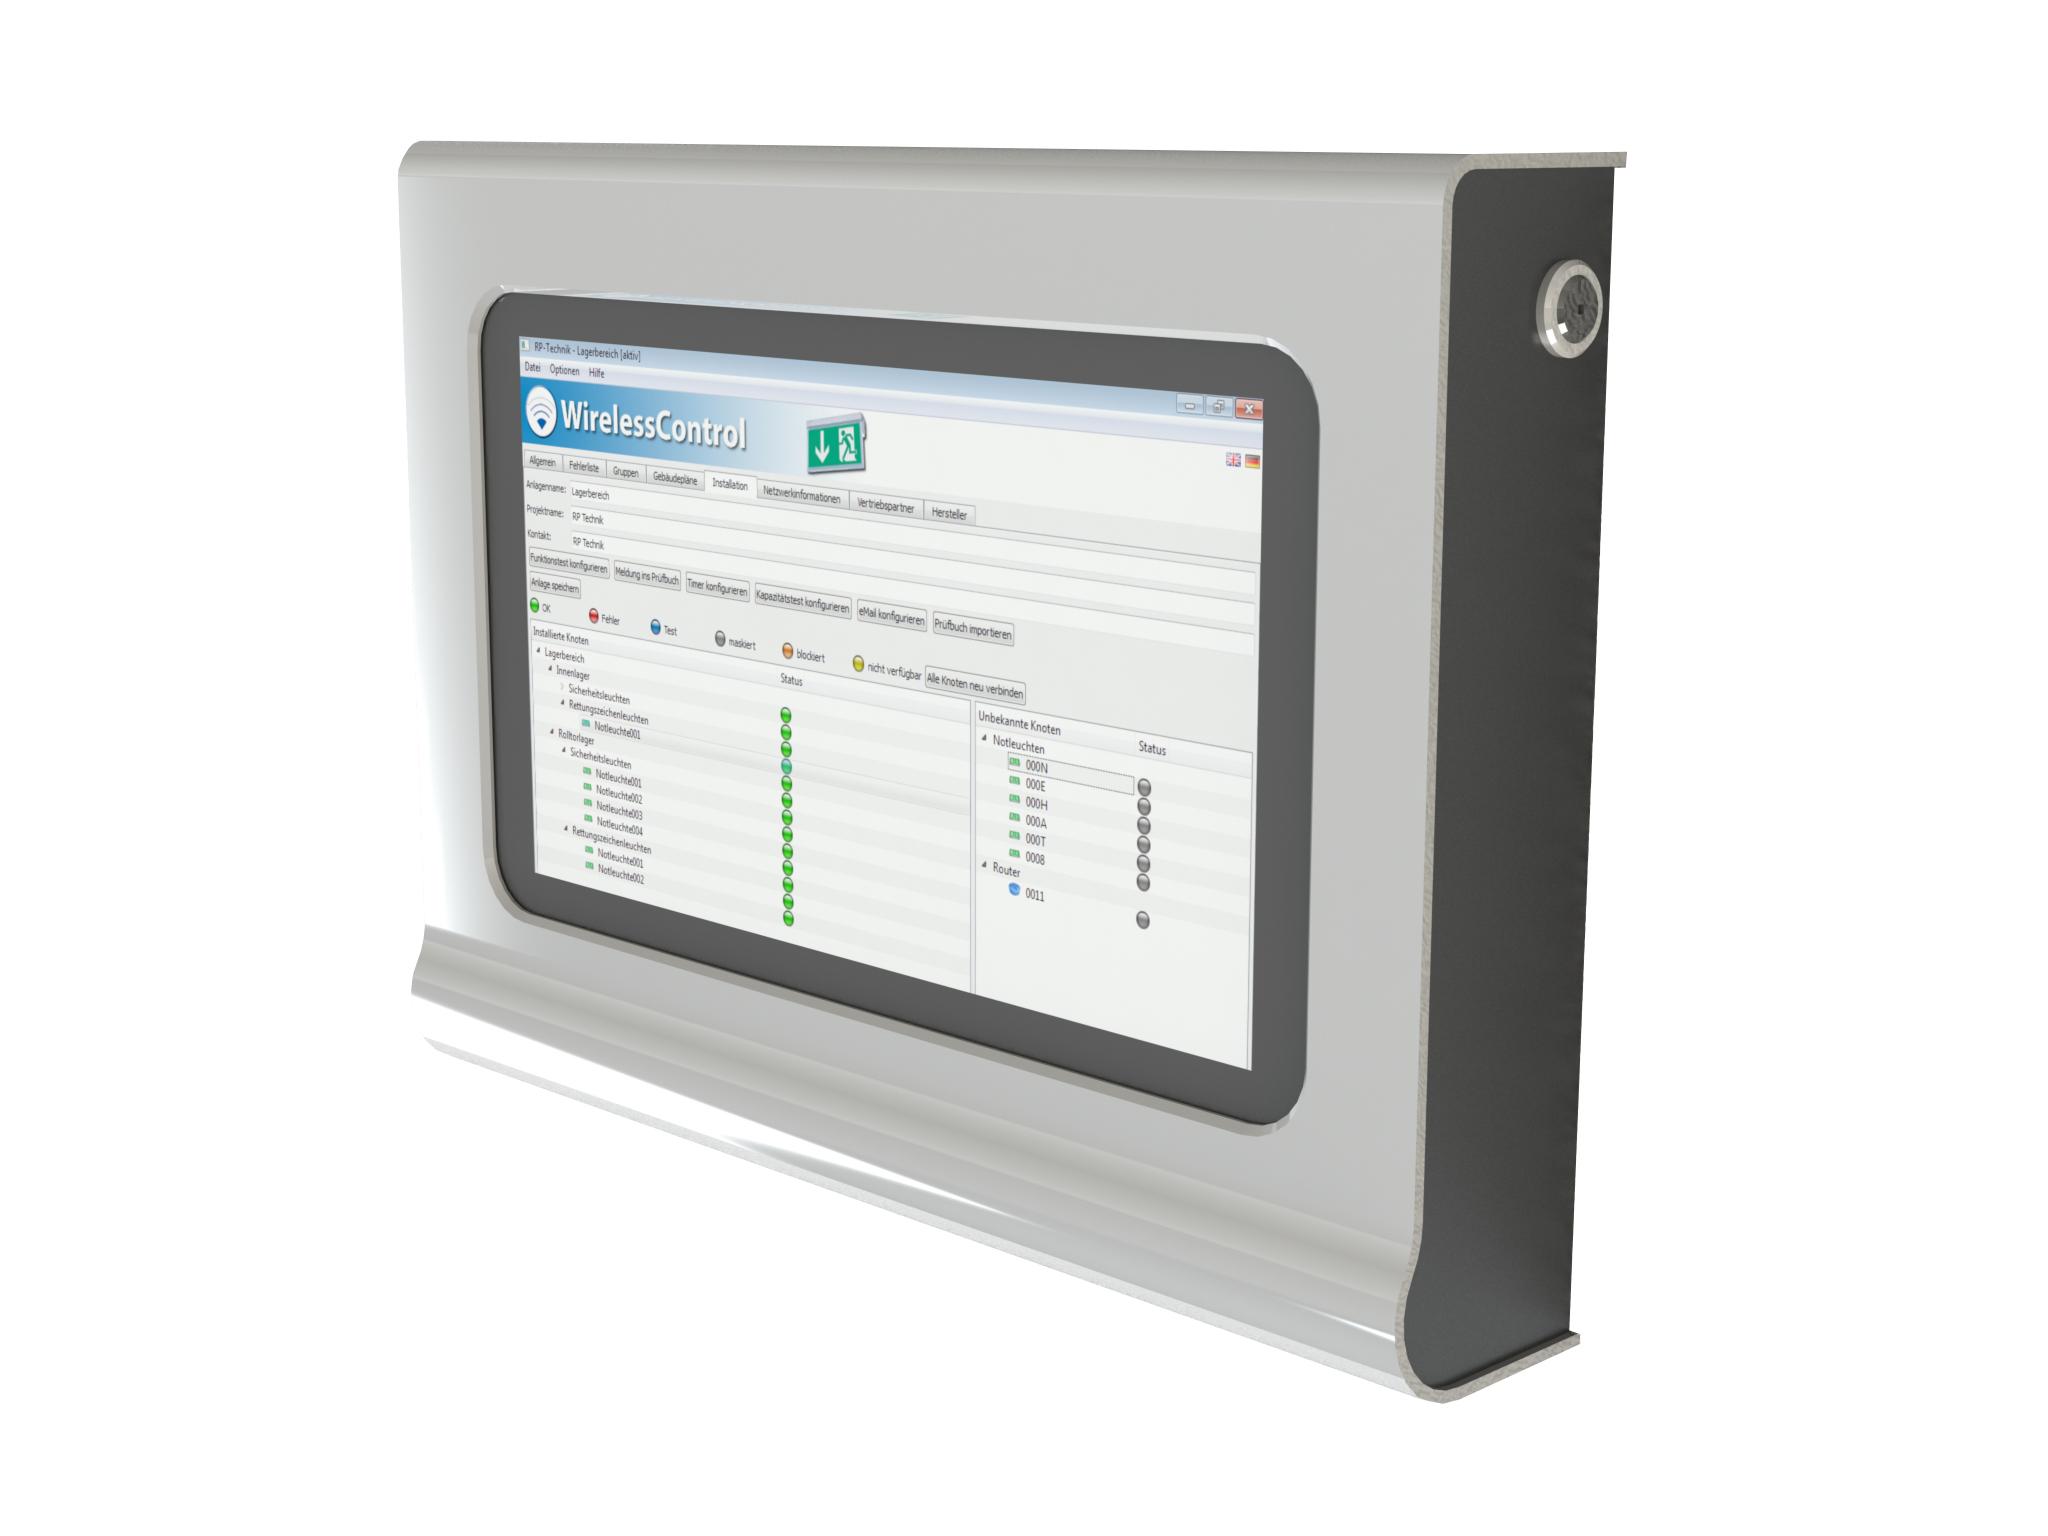 Netbook Touch3 im Wandgehäuse inkl. WirelessControl Software